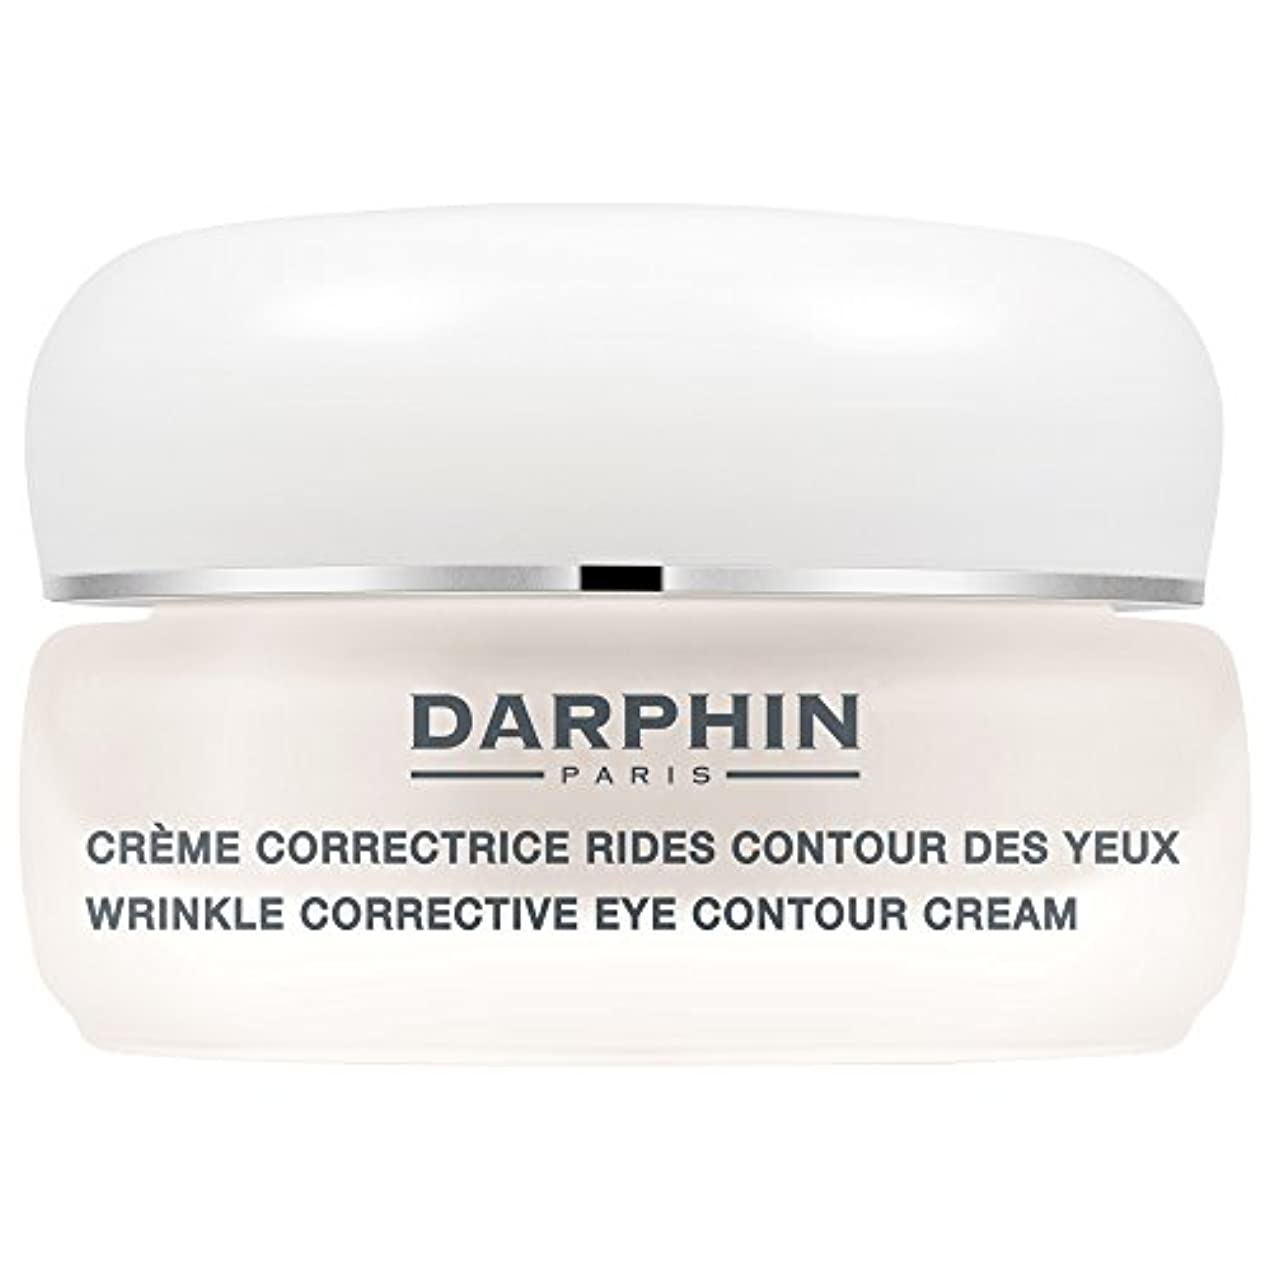 ドメイン控えめなモーテルダルファンのシワ矯正アイ輪郭クリーム15ミリリットル (Darphin) (x2) - Darphin Wrinkle Corrective Eye Contour Cream 15ml (Pack of 2) [並行輸入品]